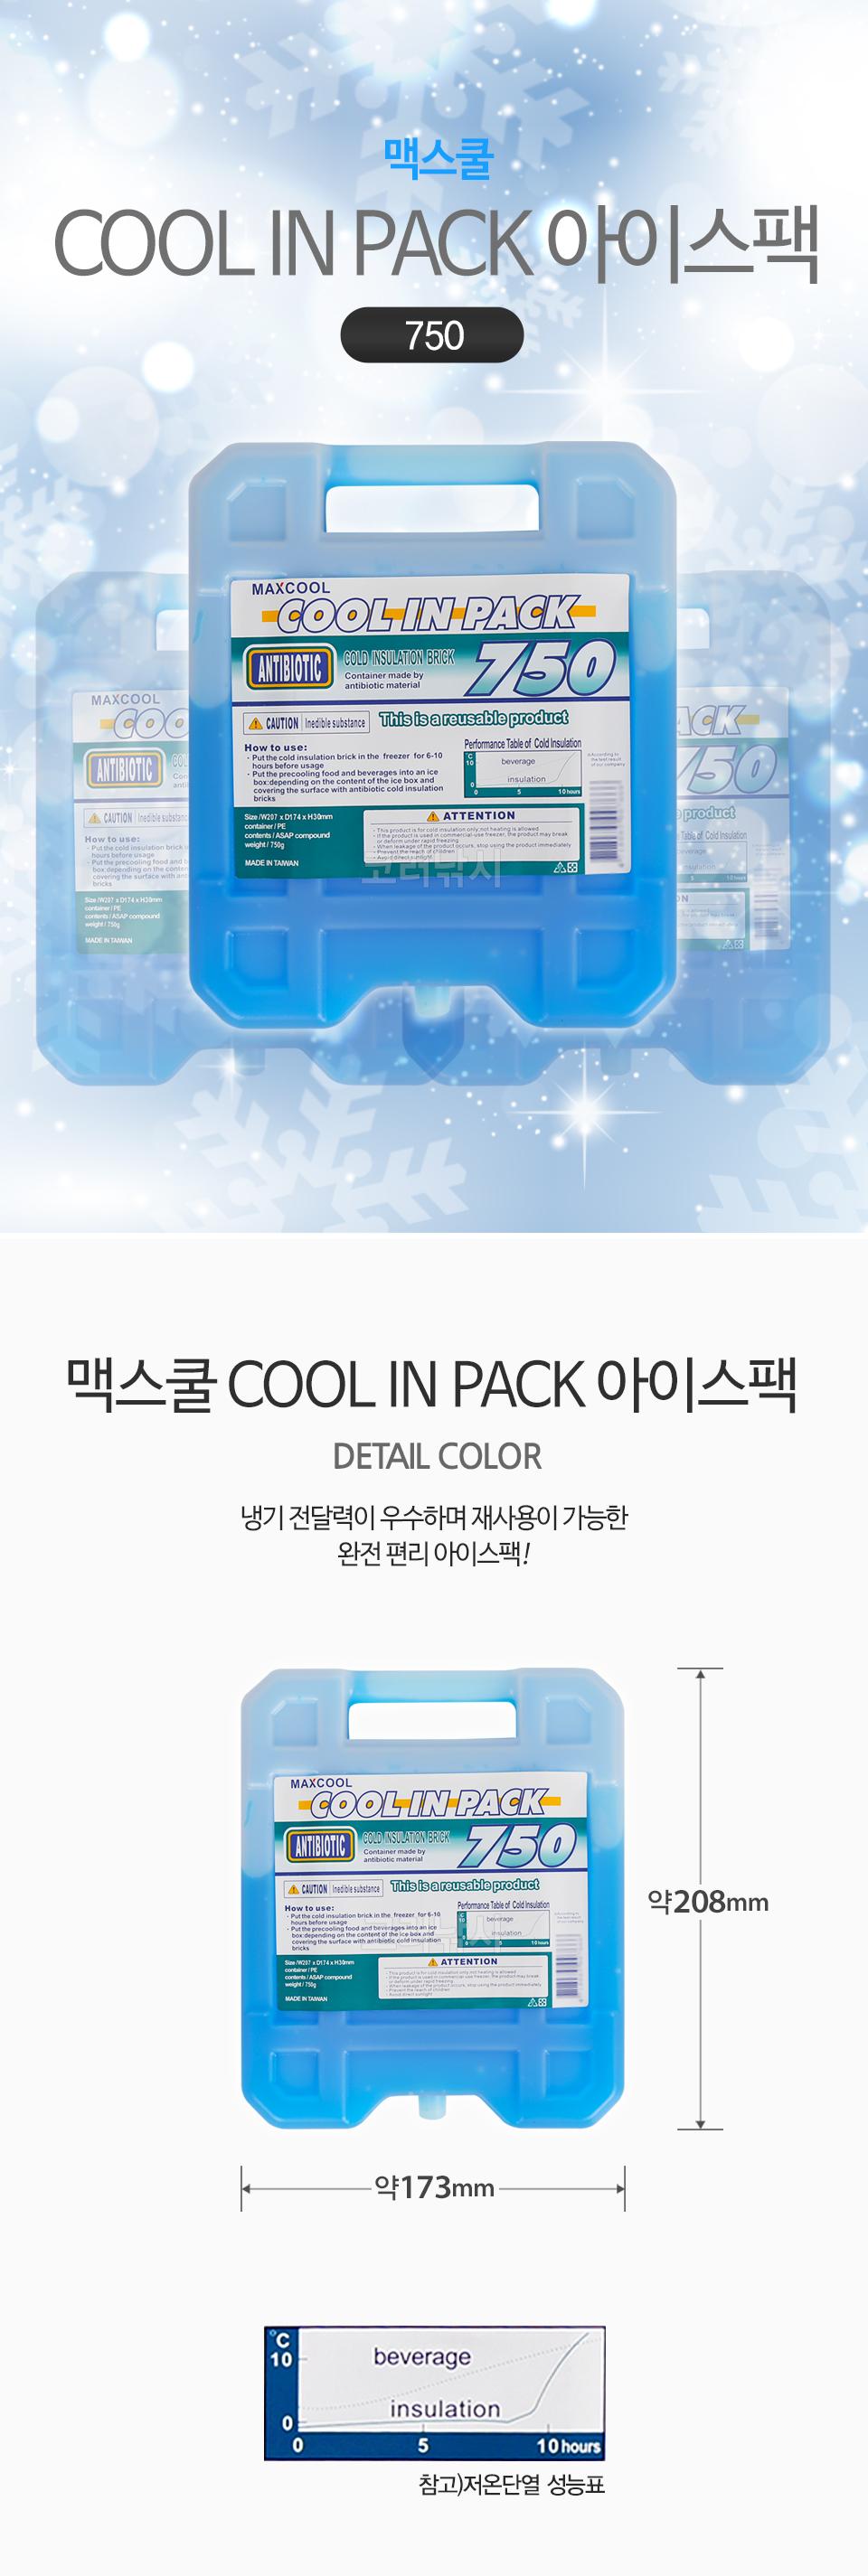 맥스쿨 COOL IN PACK 아이스팩 아이스팩 쿨인팩 얼음팩